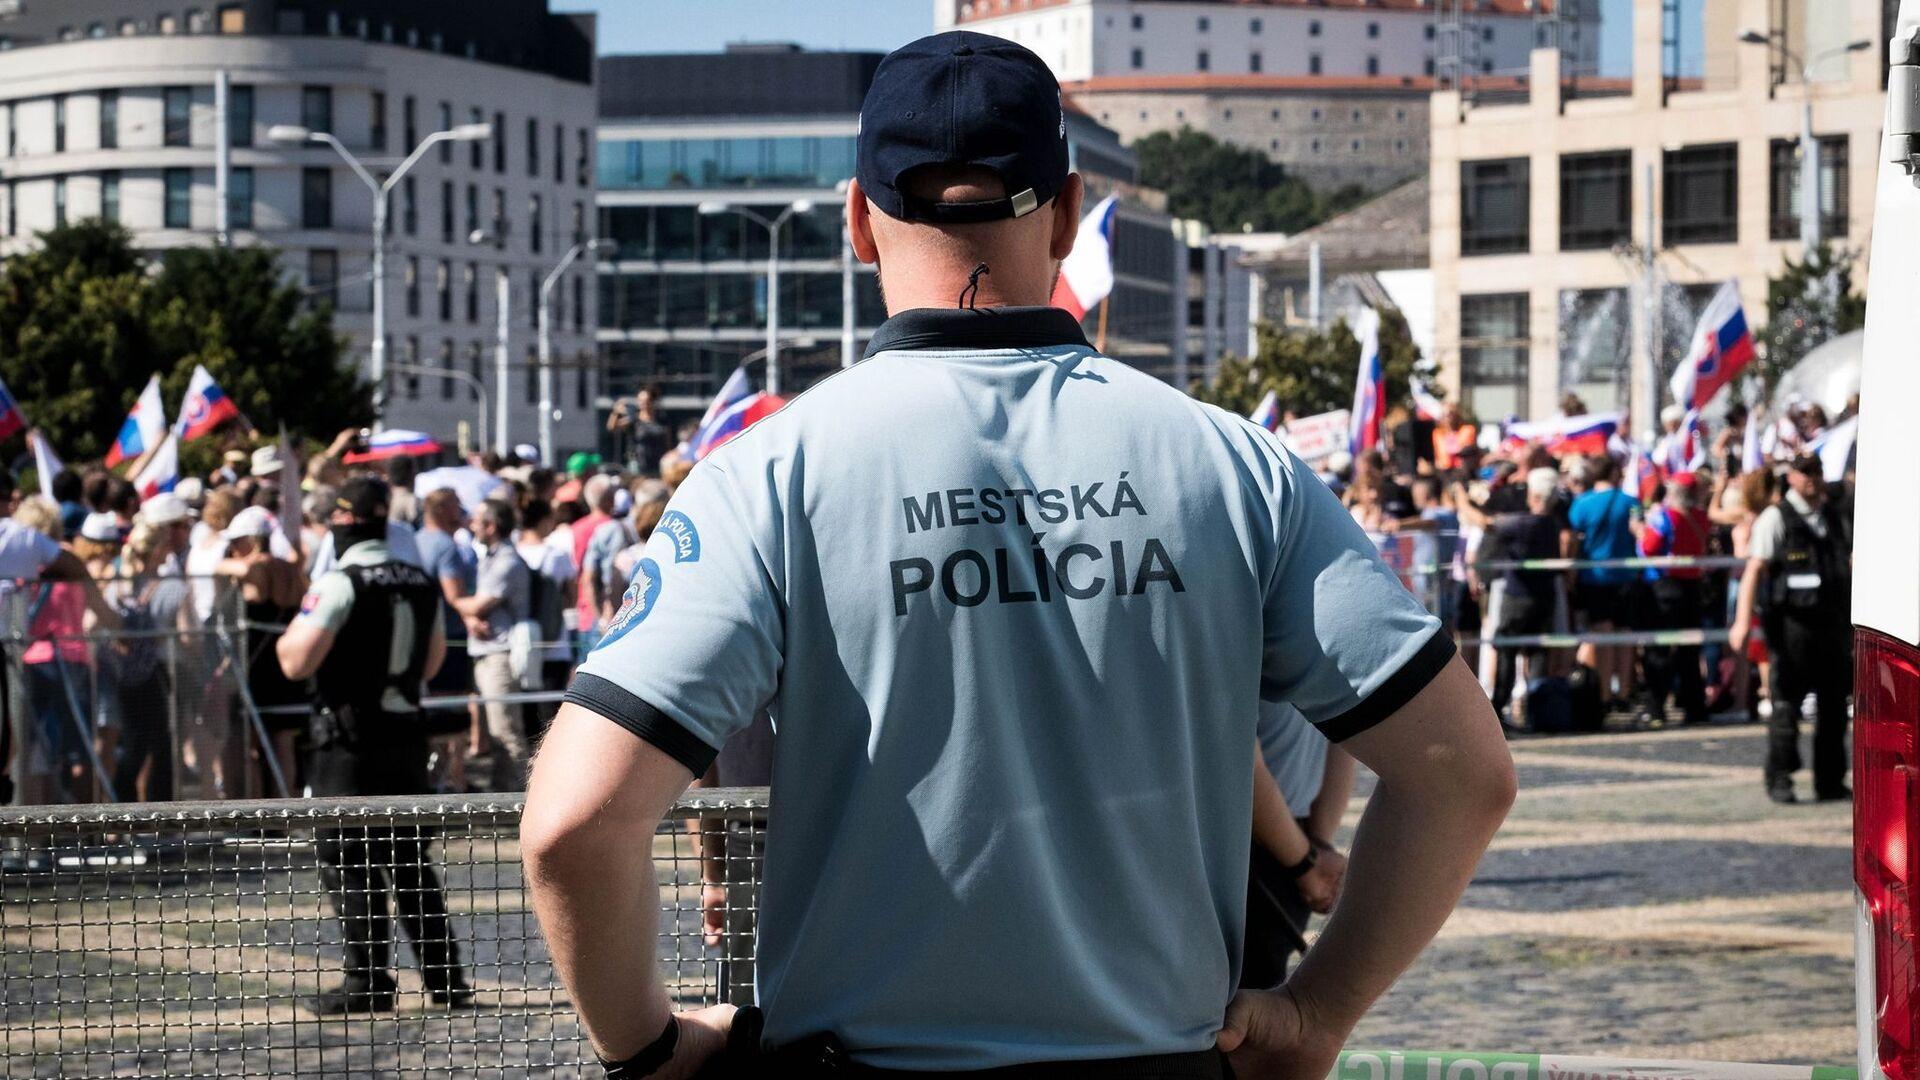 Protesty v Bratislavě na Slovensku - Sputnik Česká republika, 1920, 04.09.2021